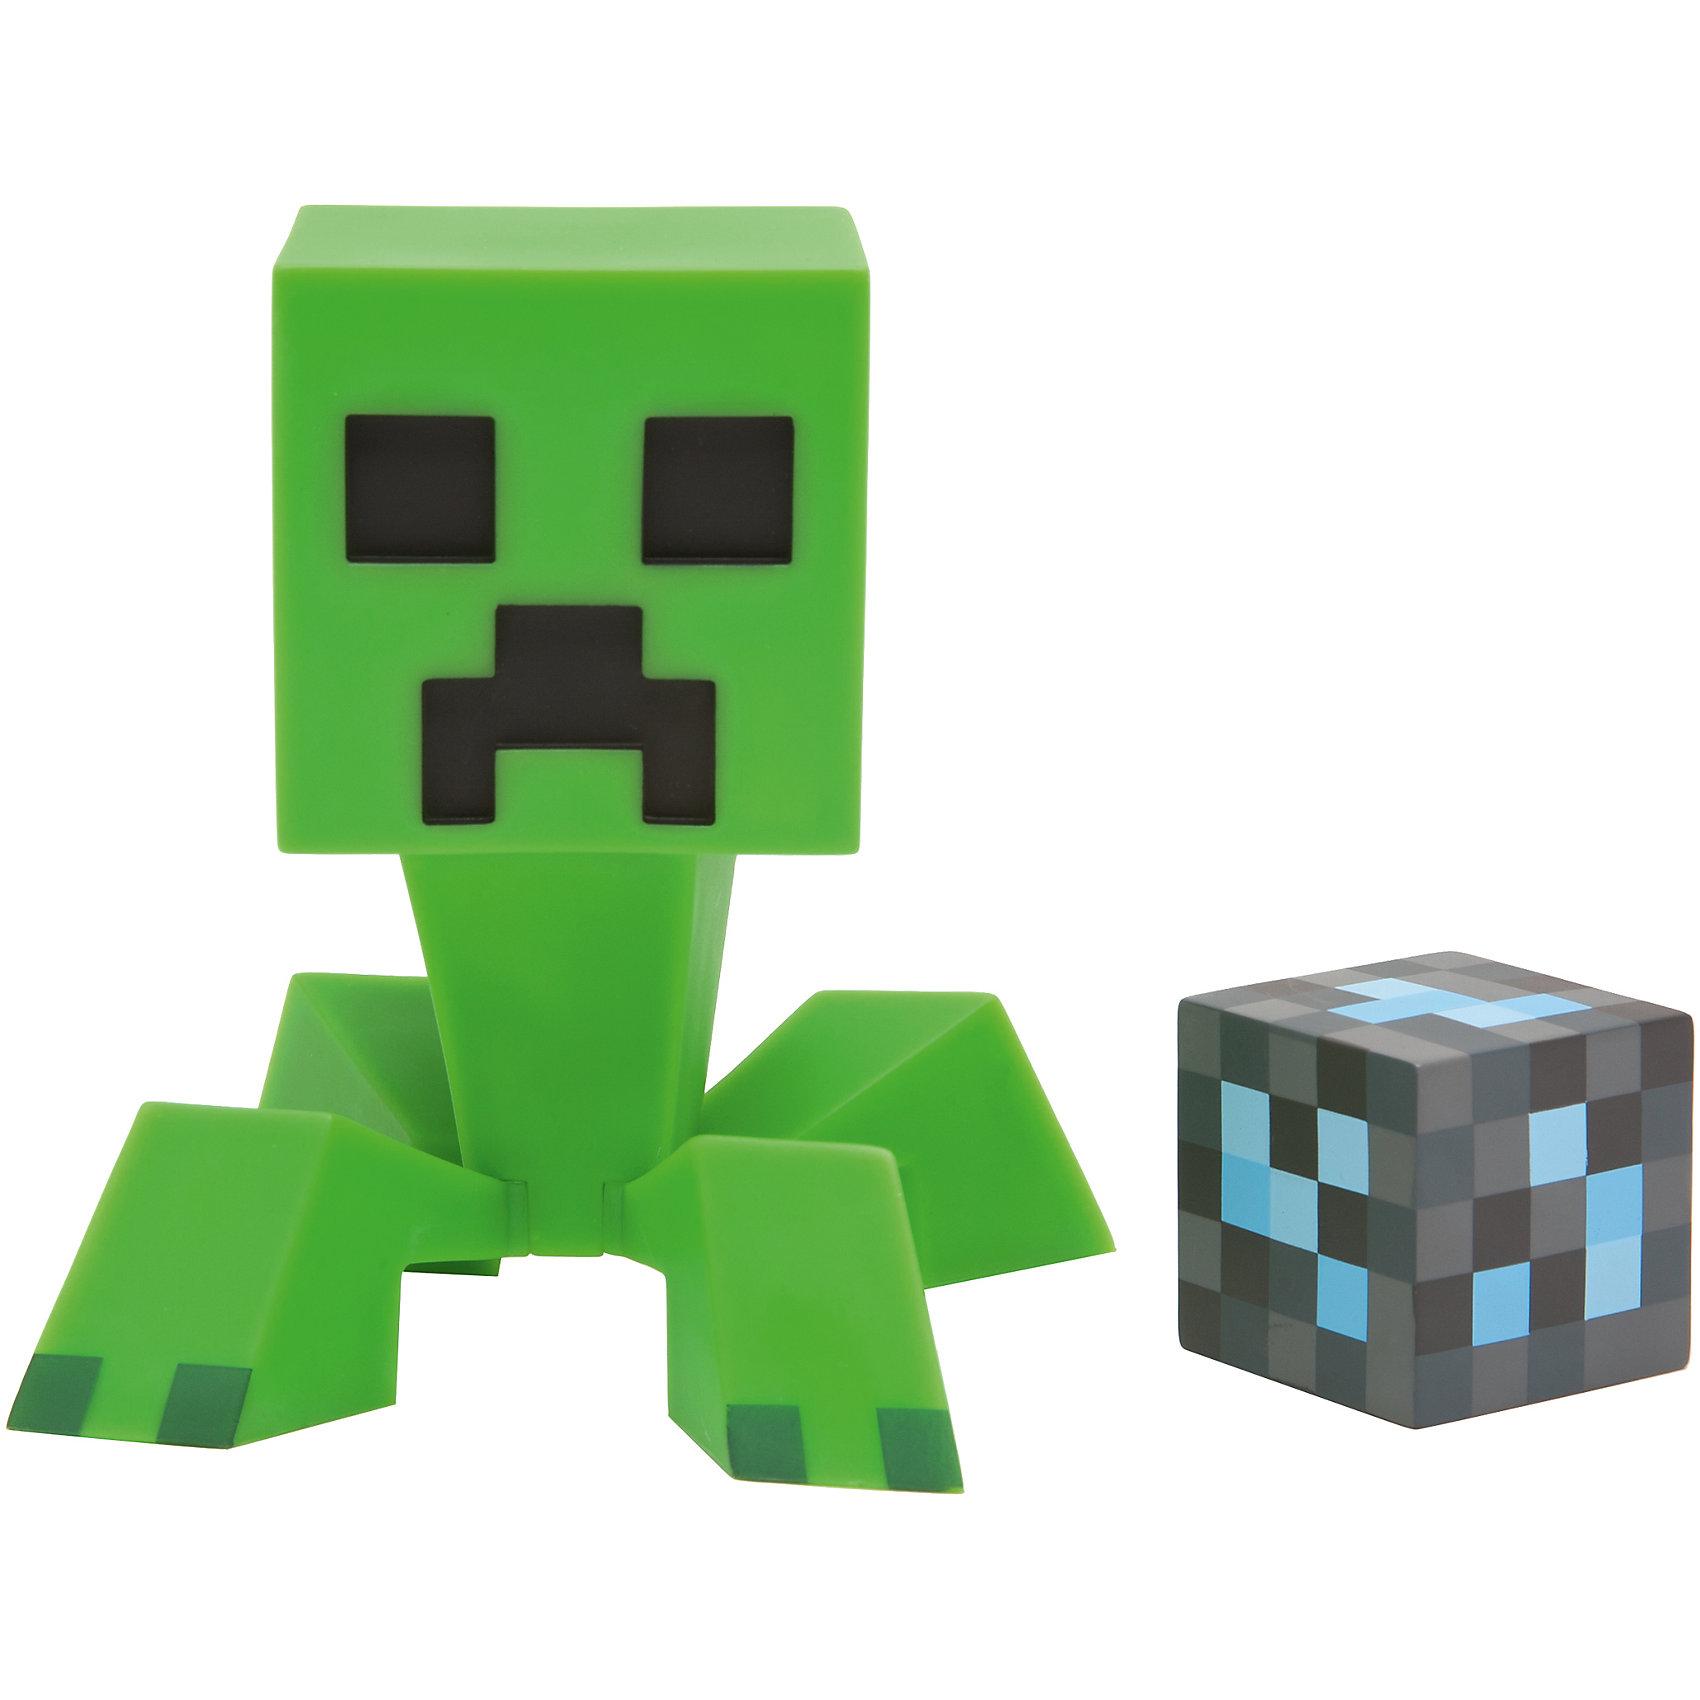 Фигурка Creeper Minecraft, 16смФигурка Creeper Minecraft, 16см – это качественно выполненная фигурка враждебного моба-камикадзе из культовой игры Майнкрафт.<br>Игровая фигурка Creepera (Крипера), которая внешне представляет собой самого примечательного и яркого, по-настоящему характерного для видеоигры Minecraft персонажа, станет отличным оригинальным подарком для любого игрока. У фигурки подвижная голова. В комплекте с фигуркой кубик. Ваш ребенок будет часами играть с этой фигуркой, придумывая различные истории.<br><br>Дополнительная информация:<br><br>- В комплекте: фигурка, пиксельный кубик<br>- Материал: пластик<br>- Размер: 16 см.<br>- Размер упаковки: 20х20х24 см.<br>- Вес: 300 гр.<br><br>Фигурку Creeper Minecraft, 16см можно купить в нашем интернет-магазине.<br><br>Ширина мм: 200<br>Глубина мм: 200<br>Высота мм: 240<br>Вес г: 300<br>Возраст от месяцев: 72<br>Возраст до месяцев: 192<br>Пол: Унисекс<br>Возраст: Детский<br>SKU: 4064781